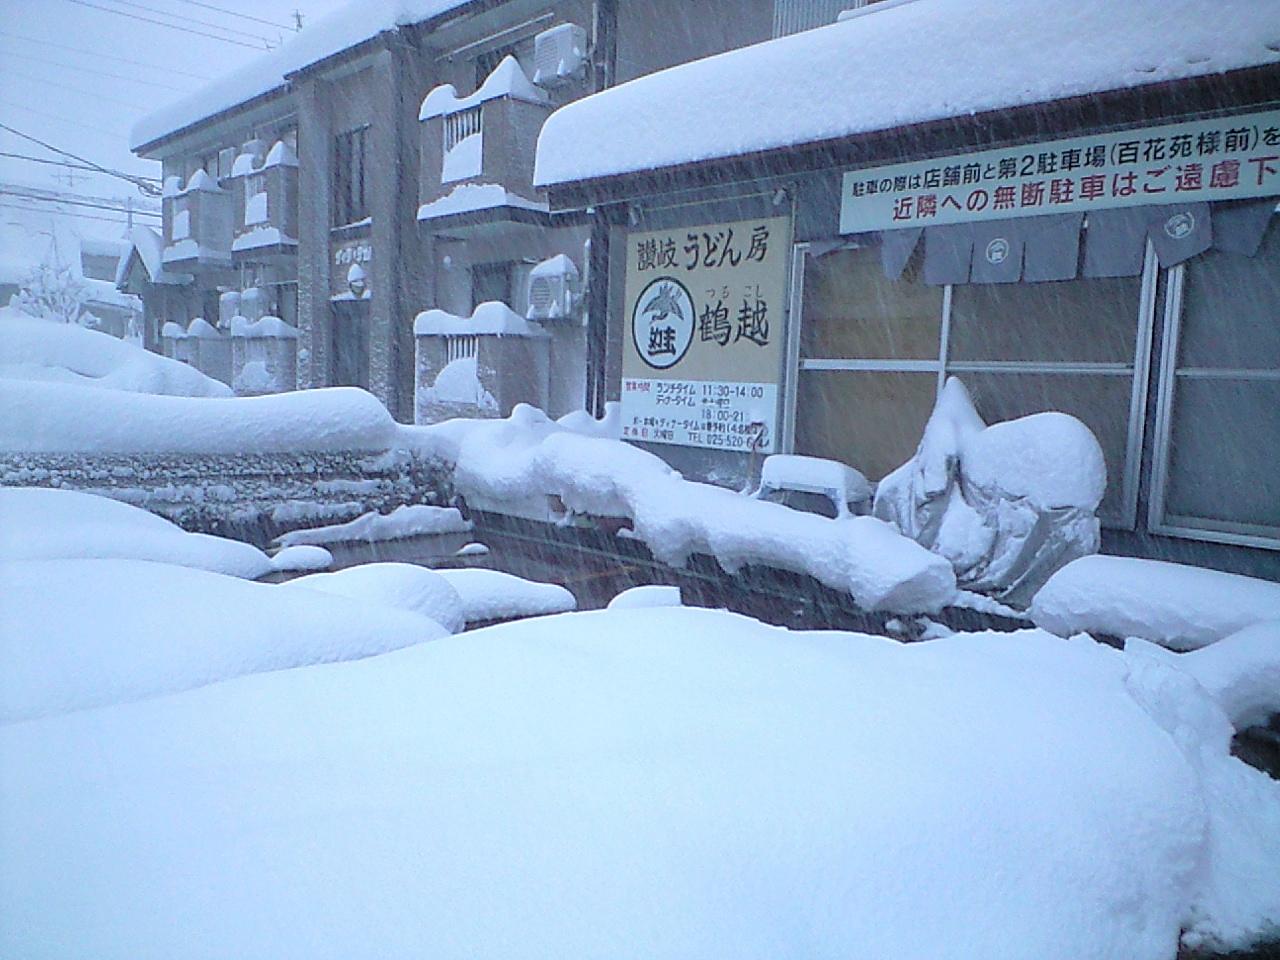 大雪ですが、営業してます!_c0092877_1152449.jpg